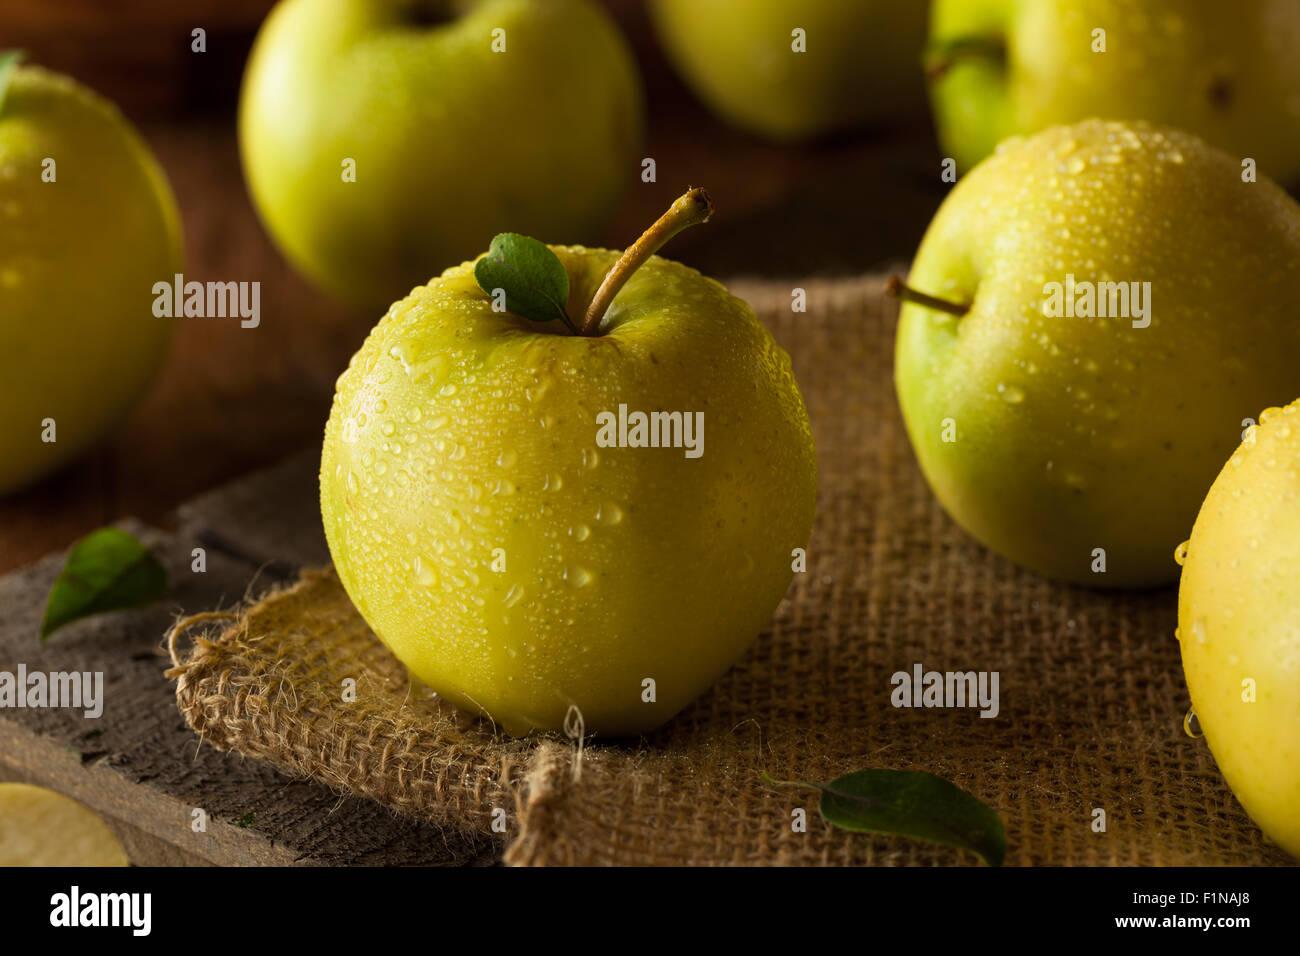 Materie organiche Golden Delicious pronto a mangiare Immagini Stock